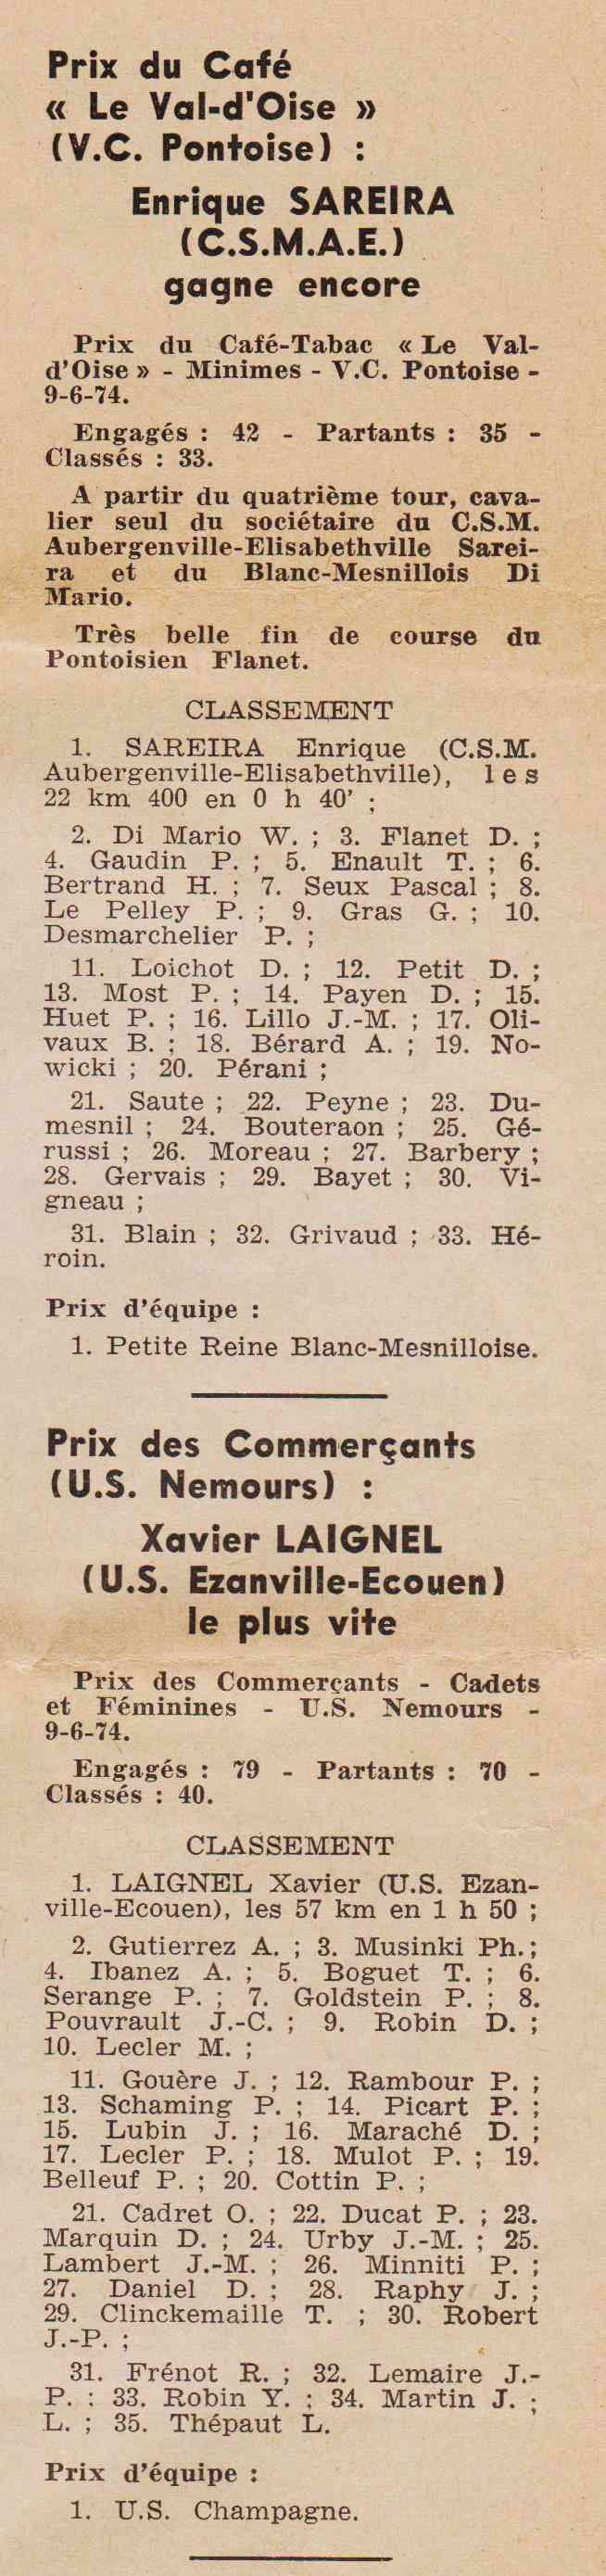 Coureurs et Clubs de juin 1974 à mars 1977 1974_032